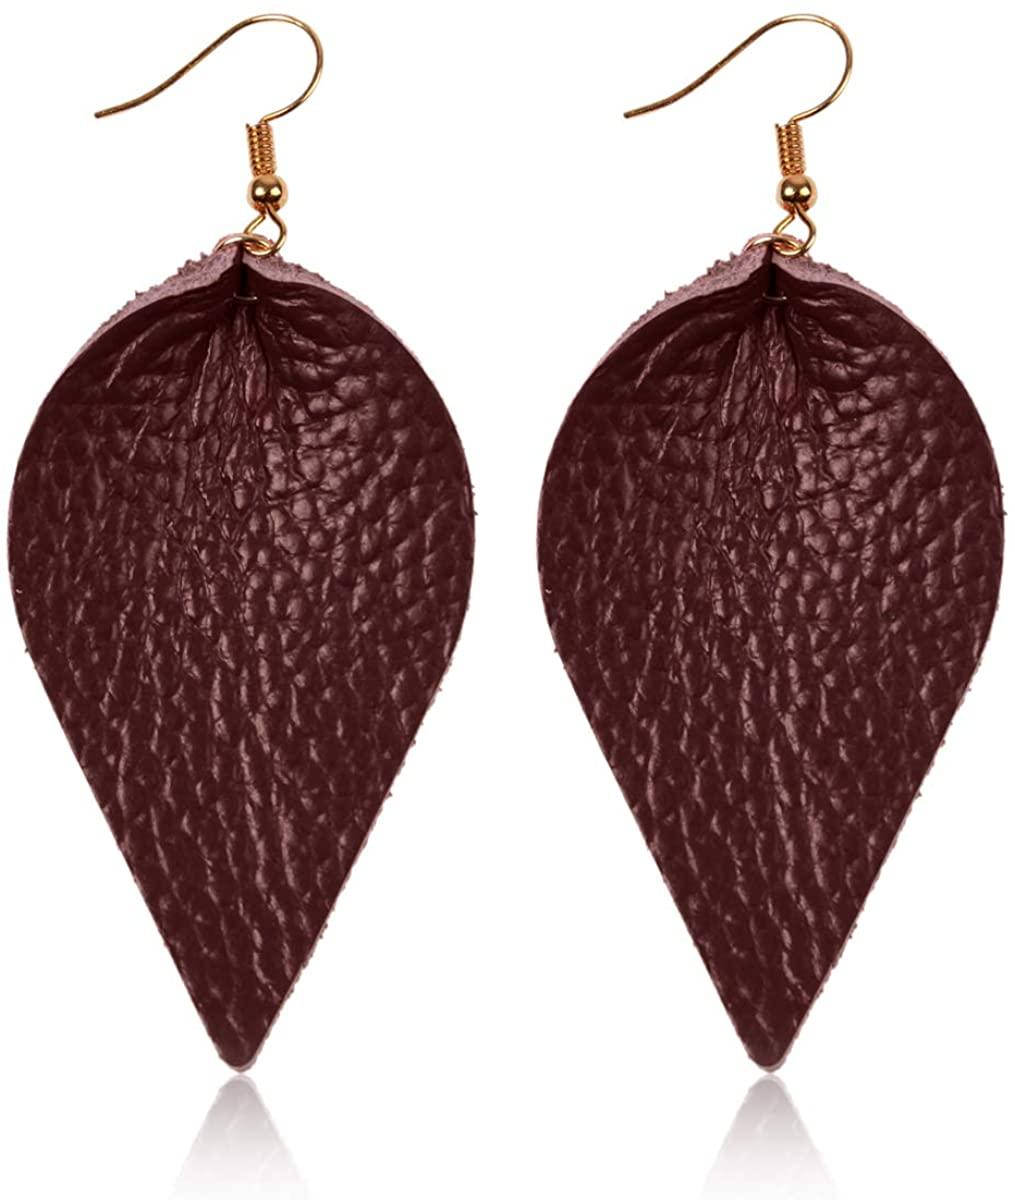 Bohemian Lightweight Genuine Real Leather Geometric Drop Statement Earrings - Petal Leaf Feather, Teardrop Dangles